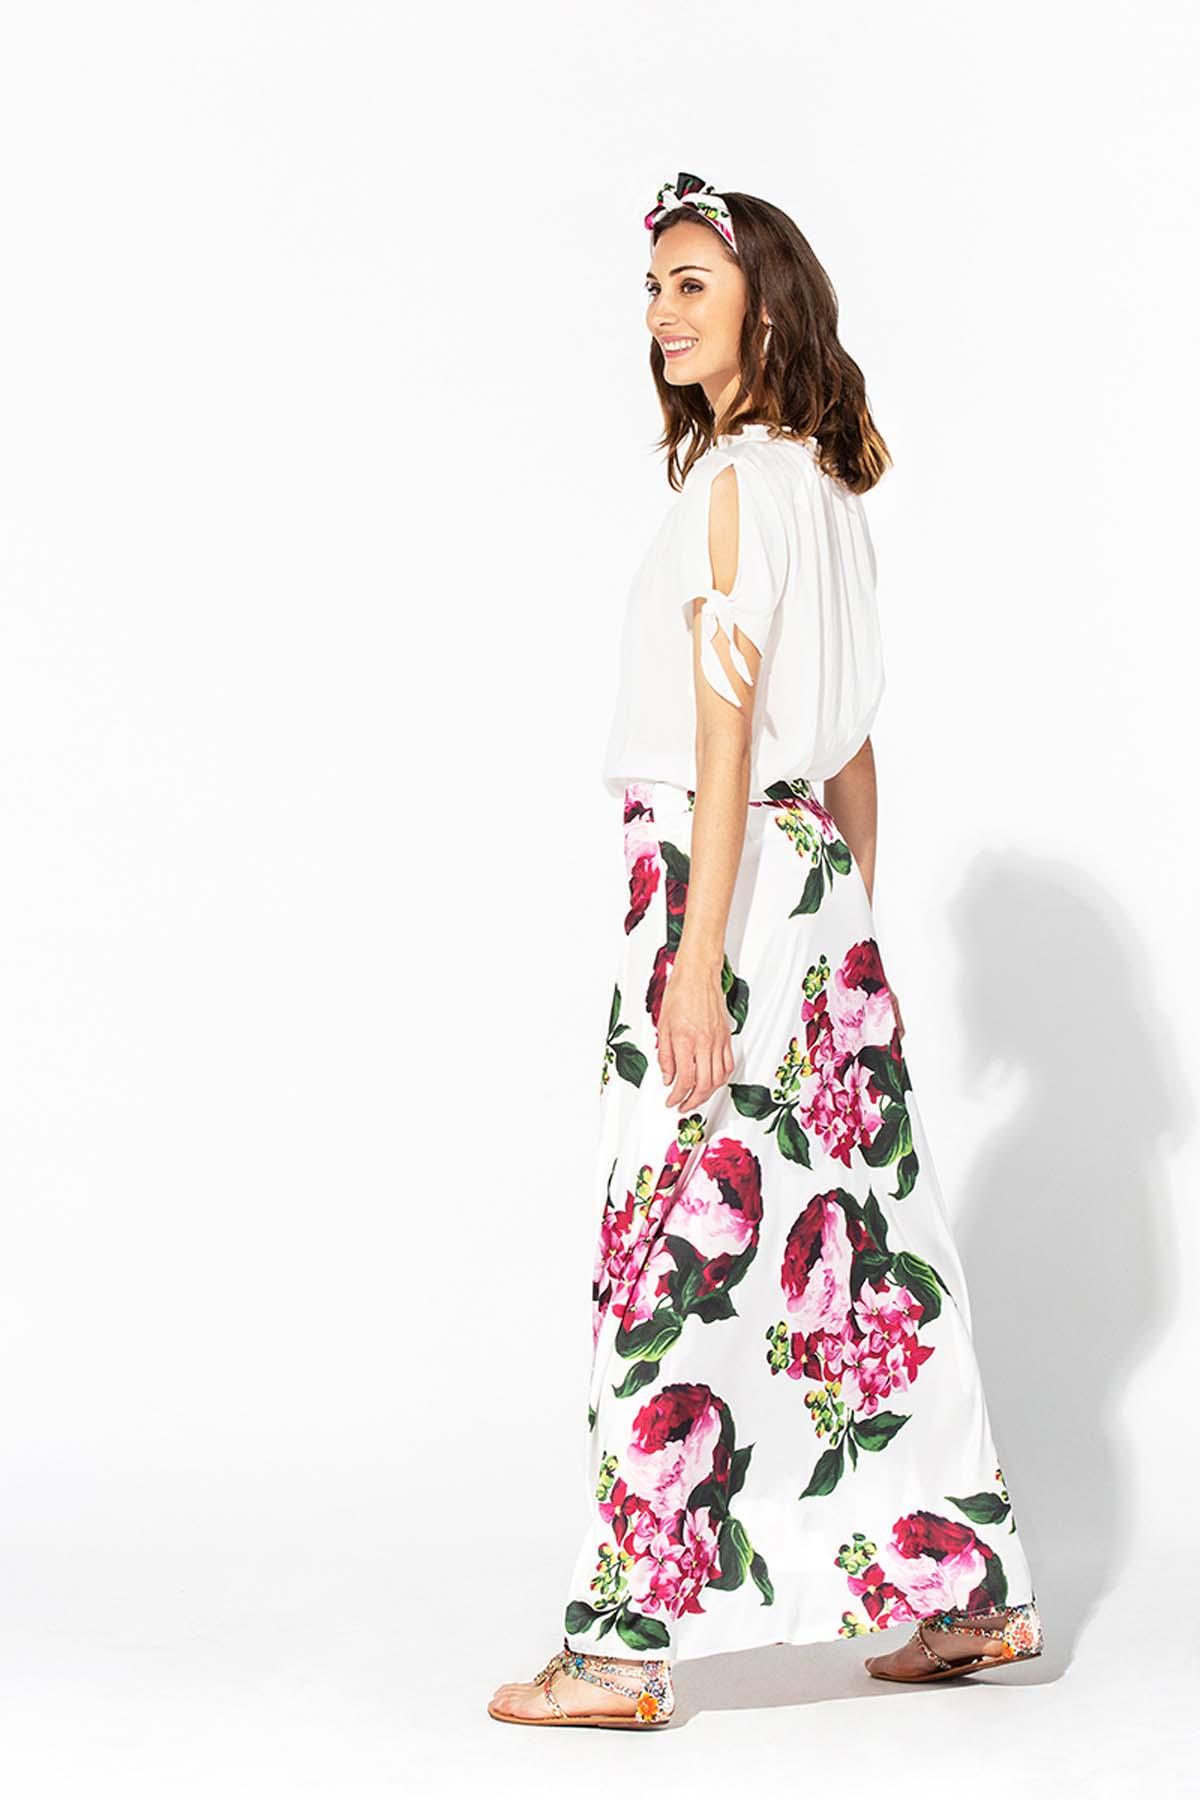 Falda larga blanca de flores